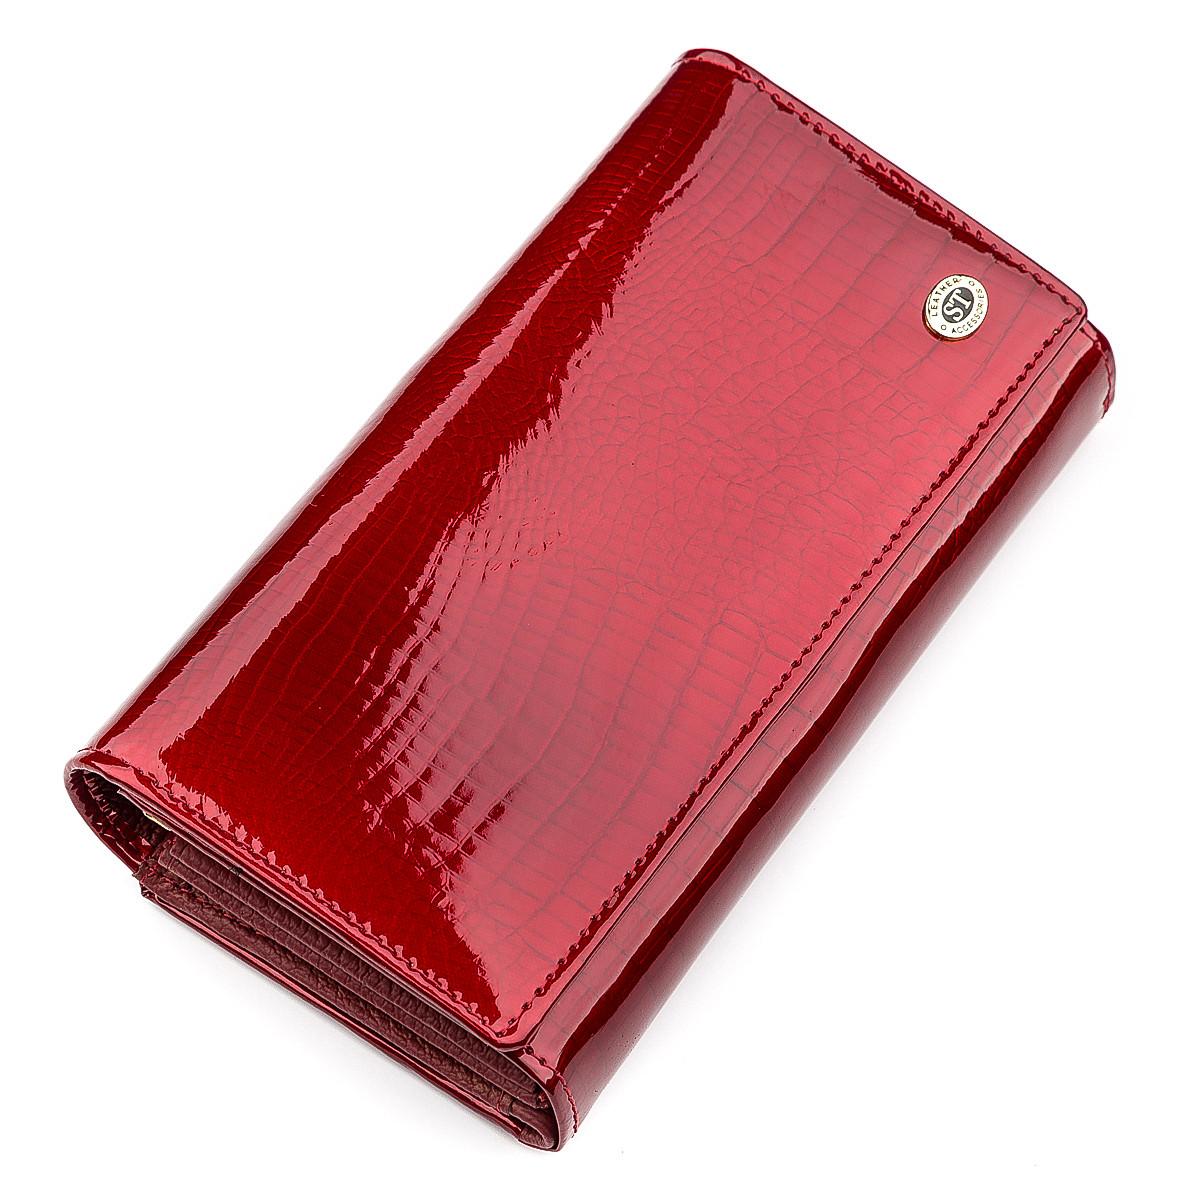 Кошелек женский ST Leather 18430 (S9001A) очень красивый Красный